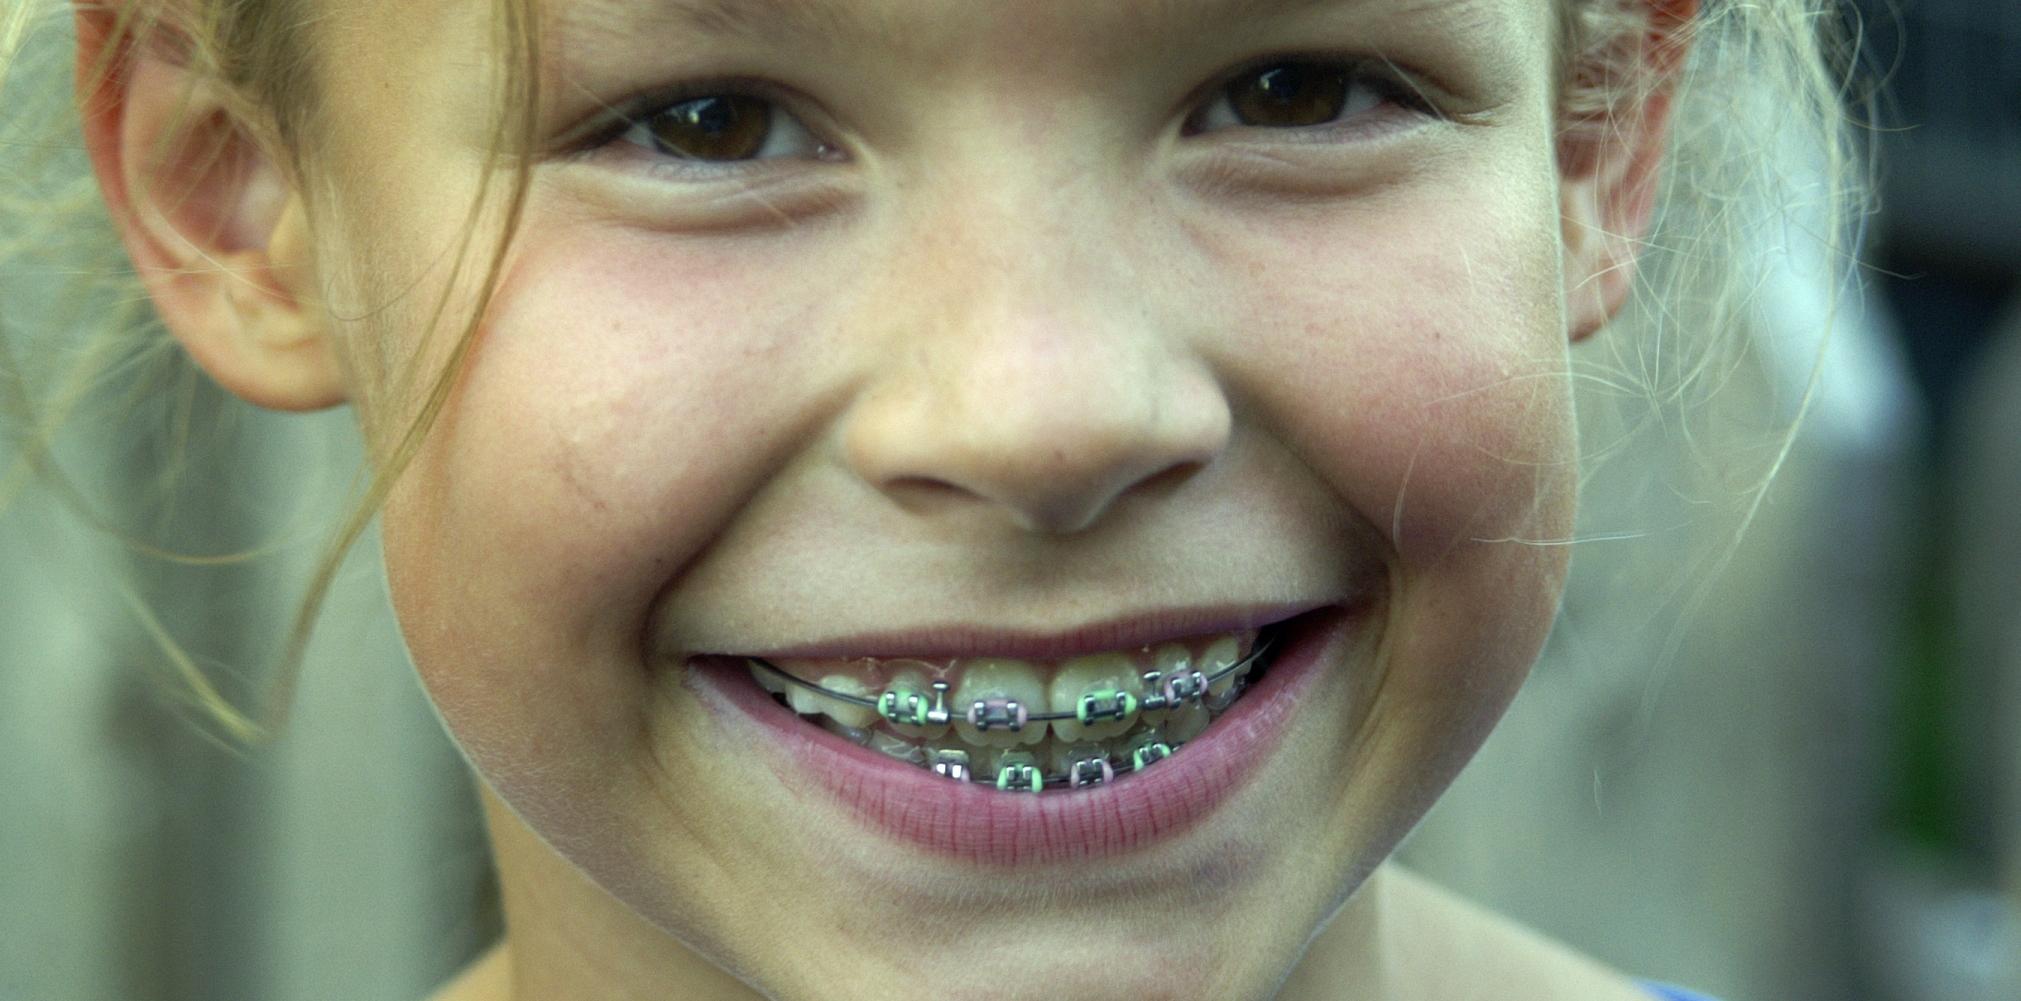 Aparelho Ortodôntico Só Com Dentista